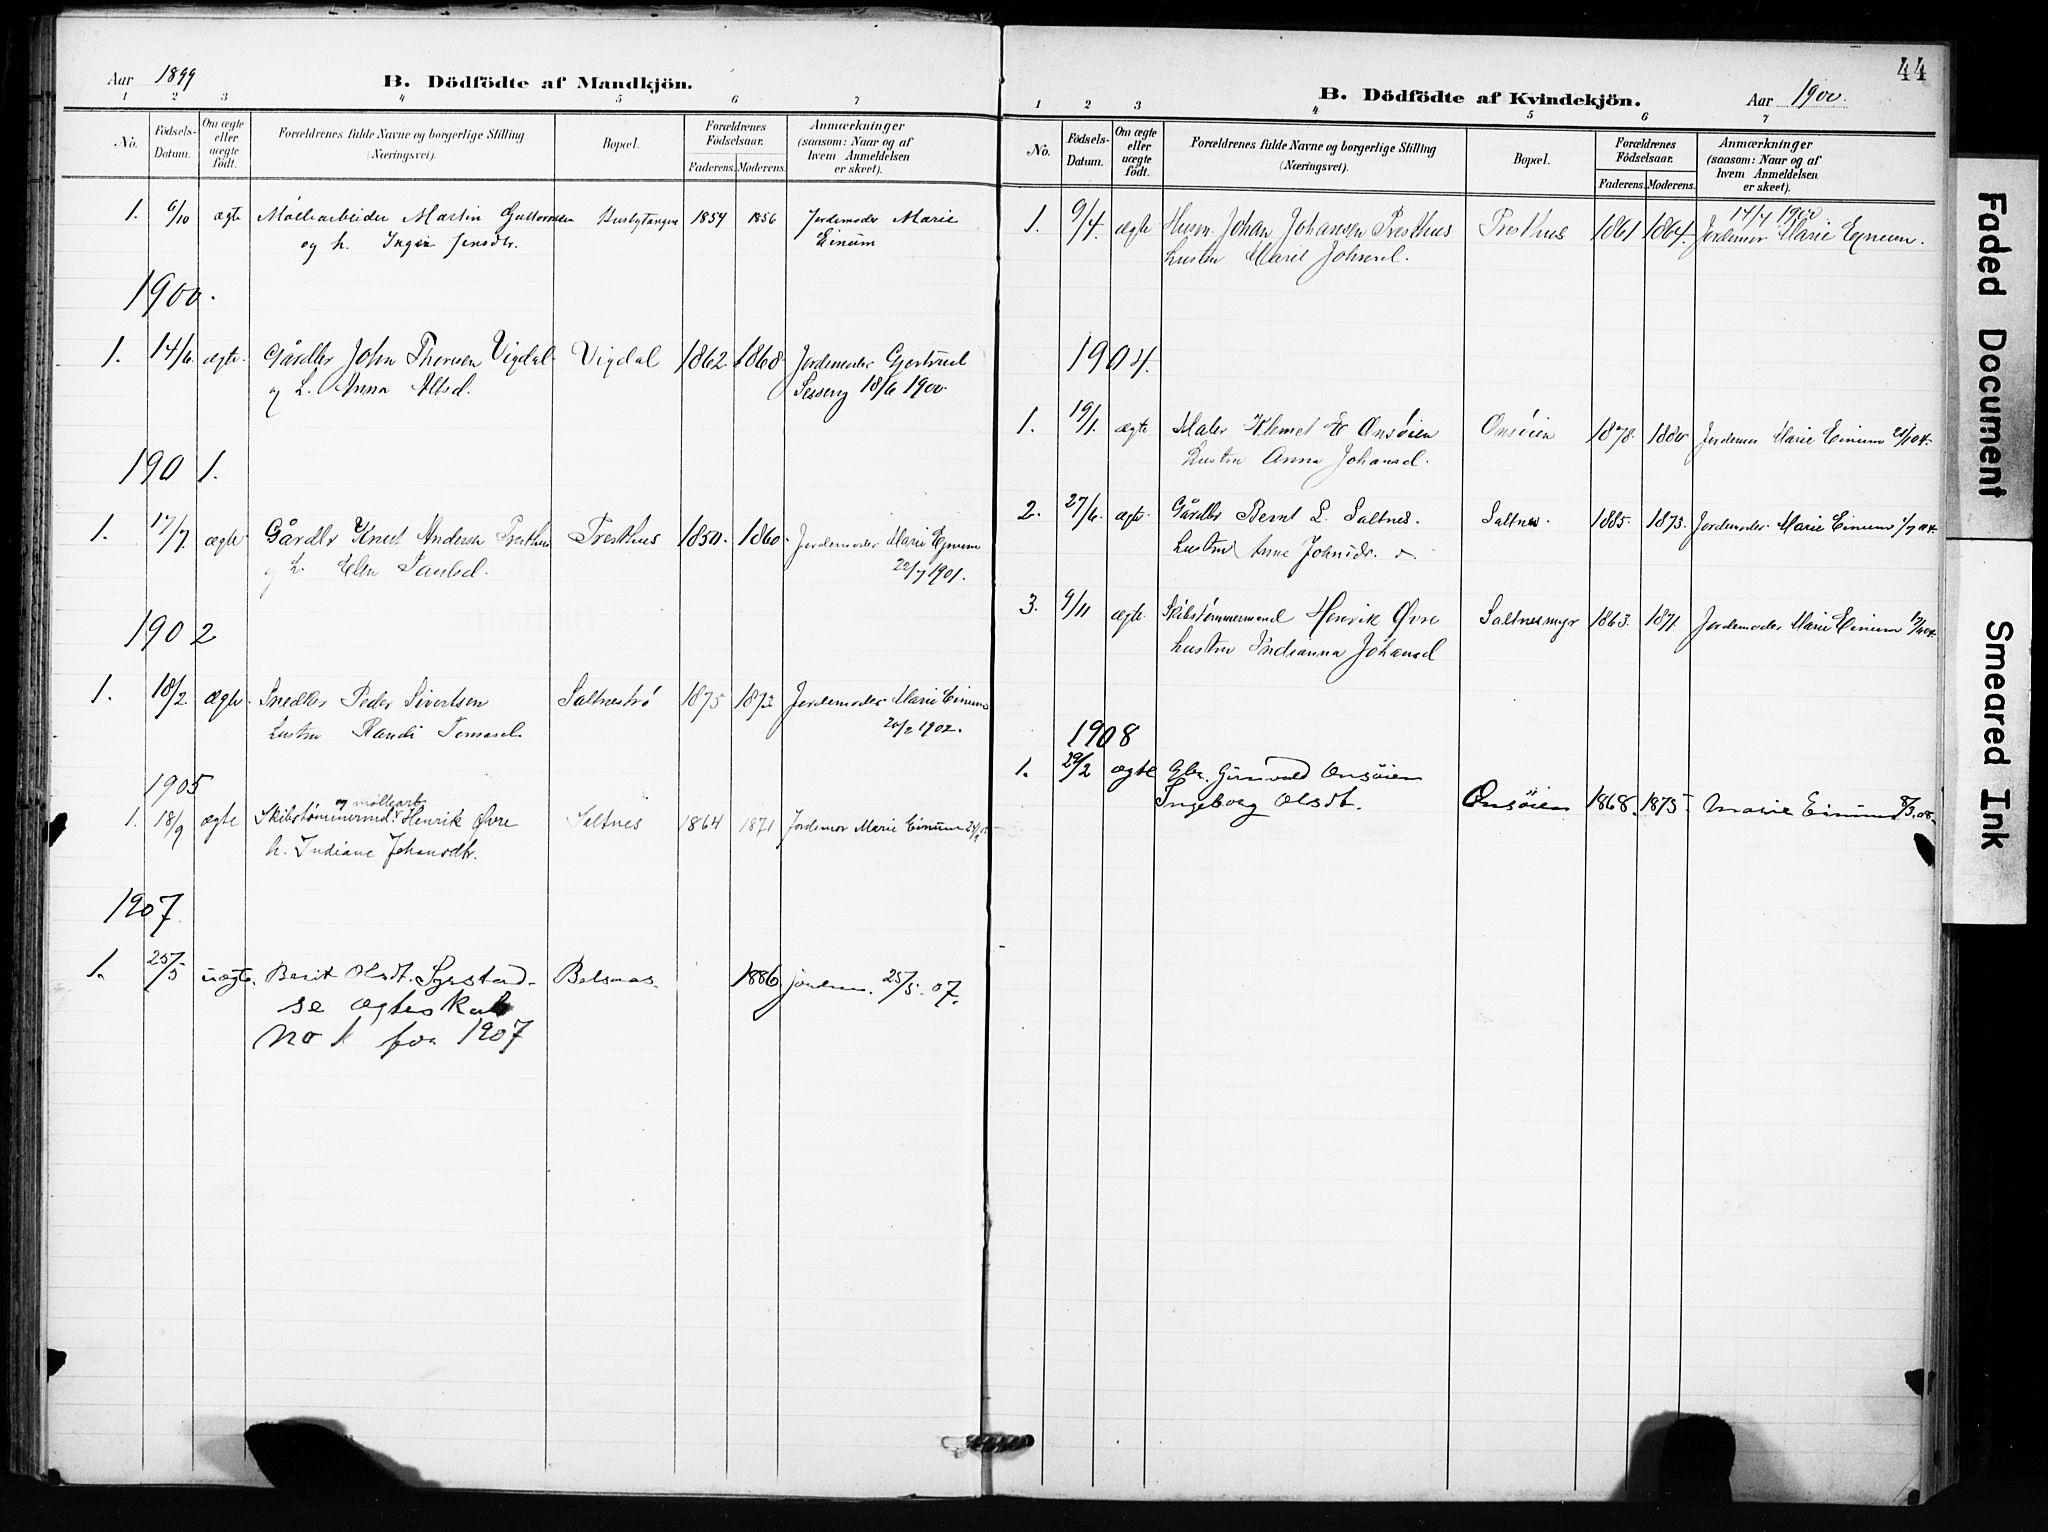 SAT, Ministerialprotokoller, klokkerbøker og fødselsregistre - Sør-Trøndelag, 666/L0787: Ministerialbok nr. 666A05, 1895-1908, s. 44